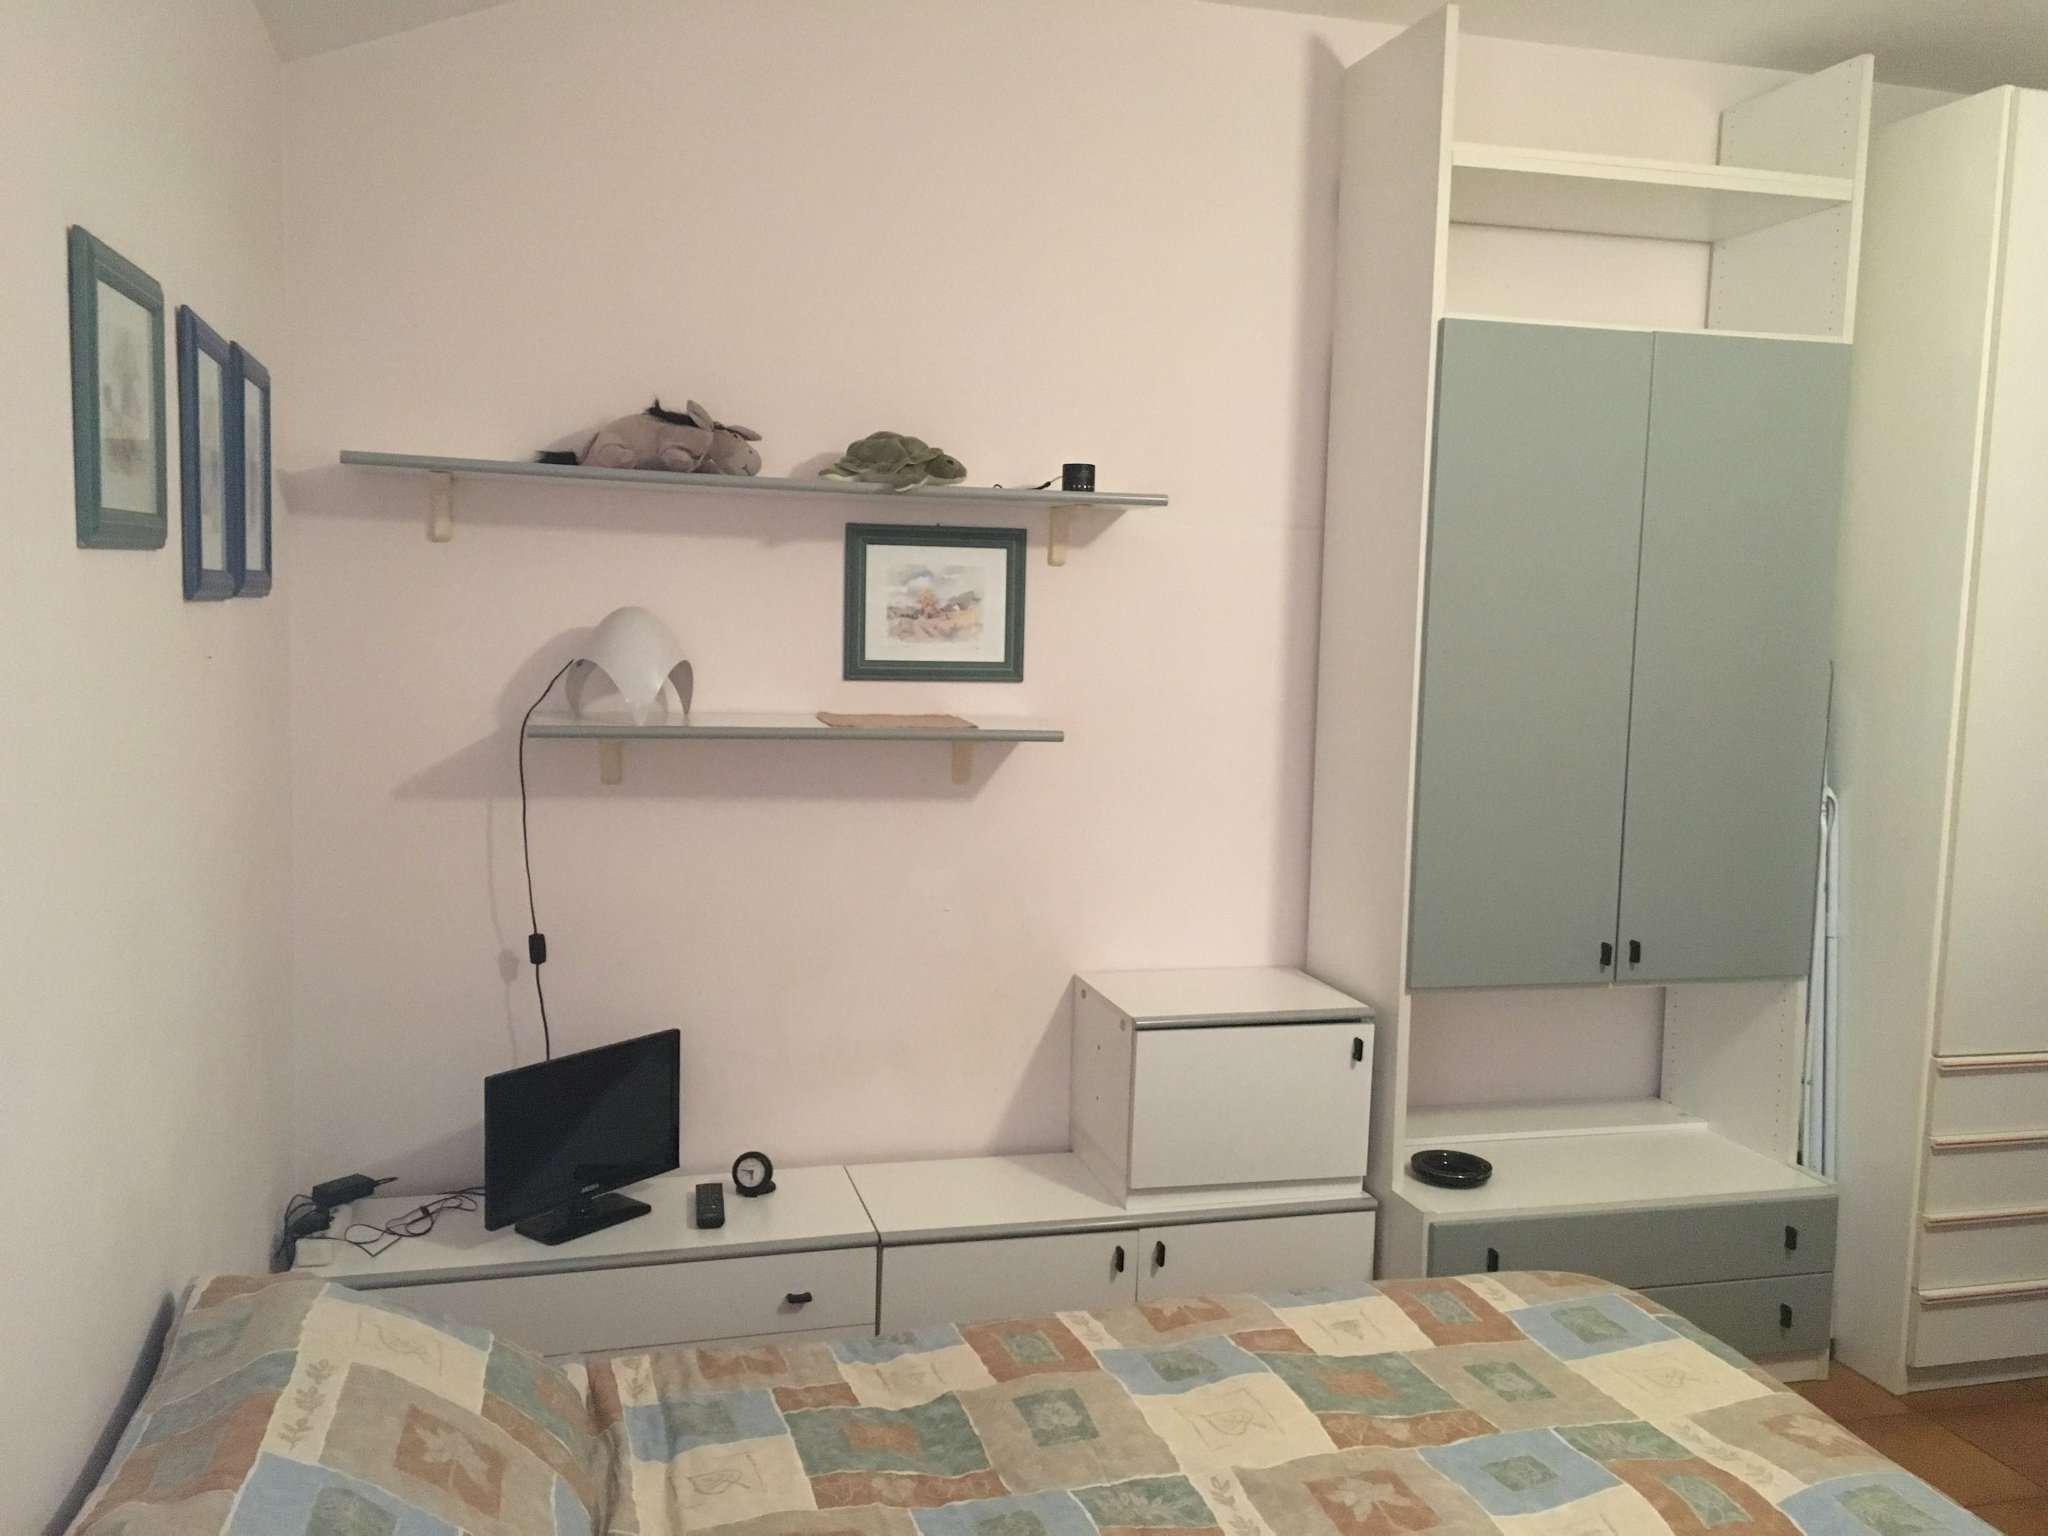 Appartamento in affitto a Ravenna, 1 locali, prezzo € 350 | CambioCasa.it